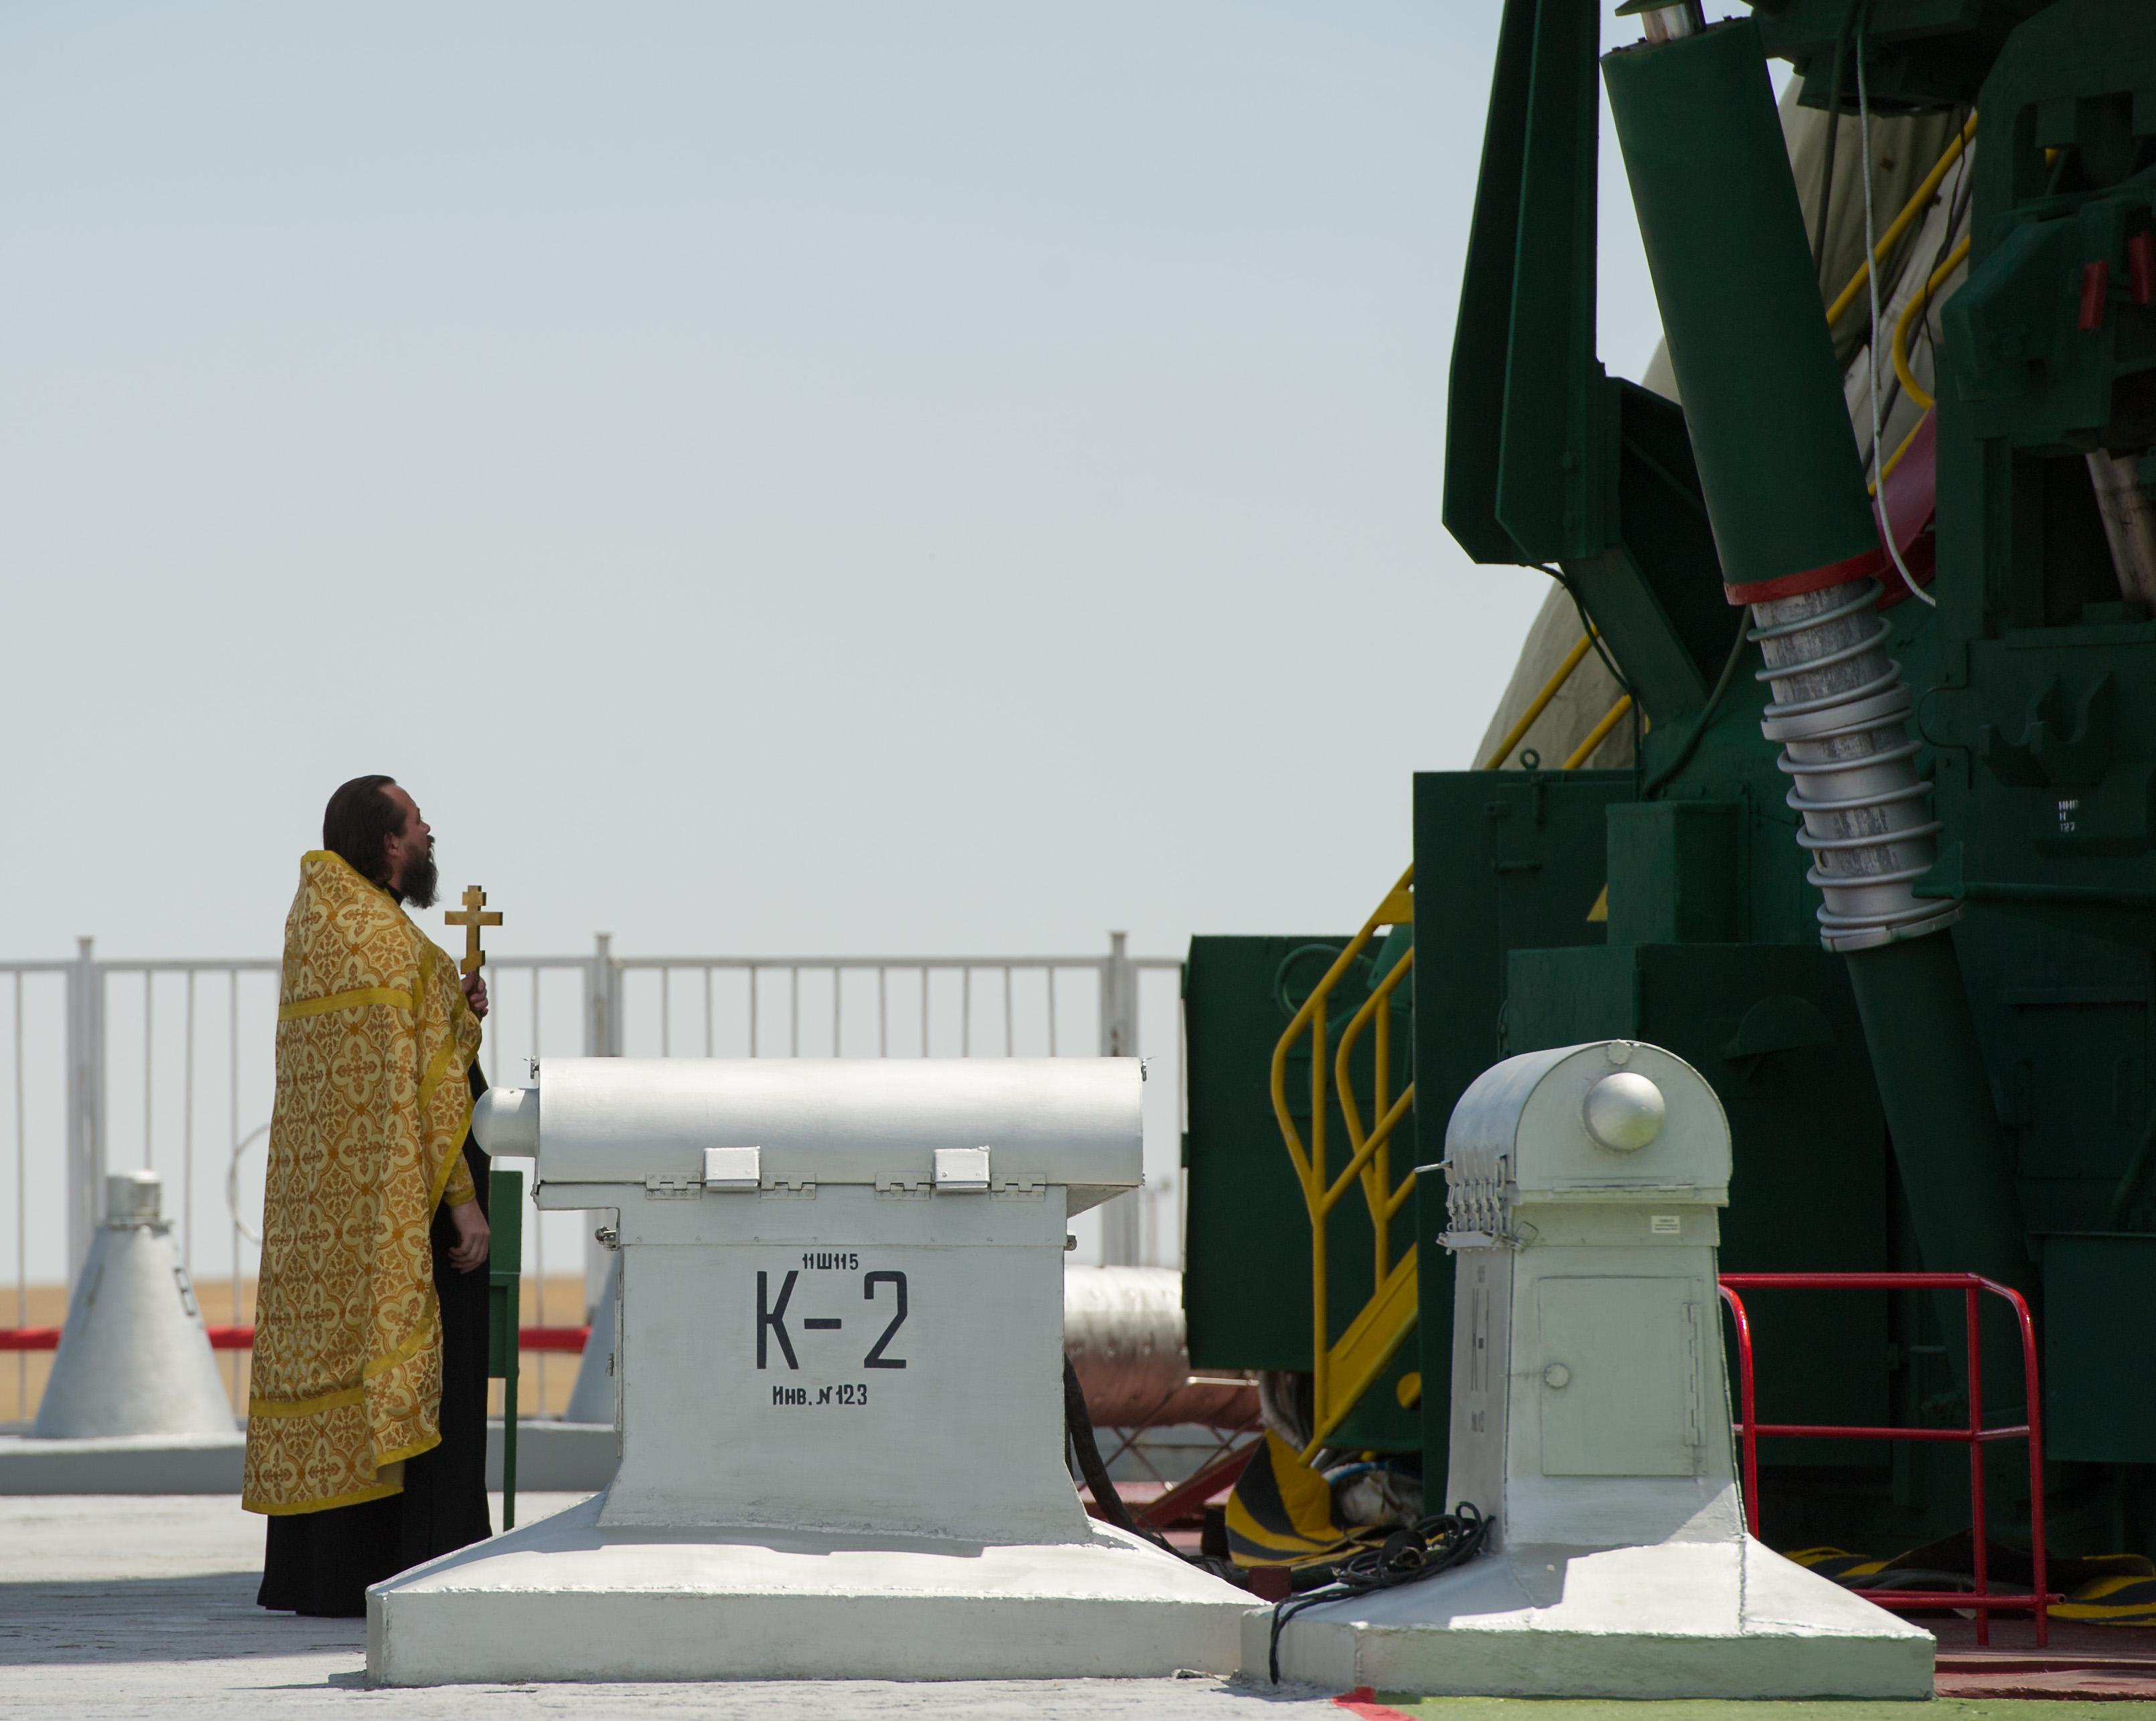 http://upload.wikimedia.org/wikipedia/commons/4/44/Soyuz_TMA-05M_rocket_blessing.jpg